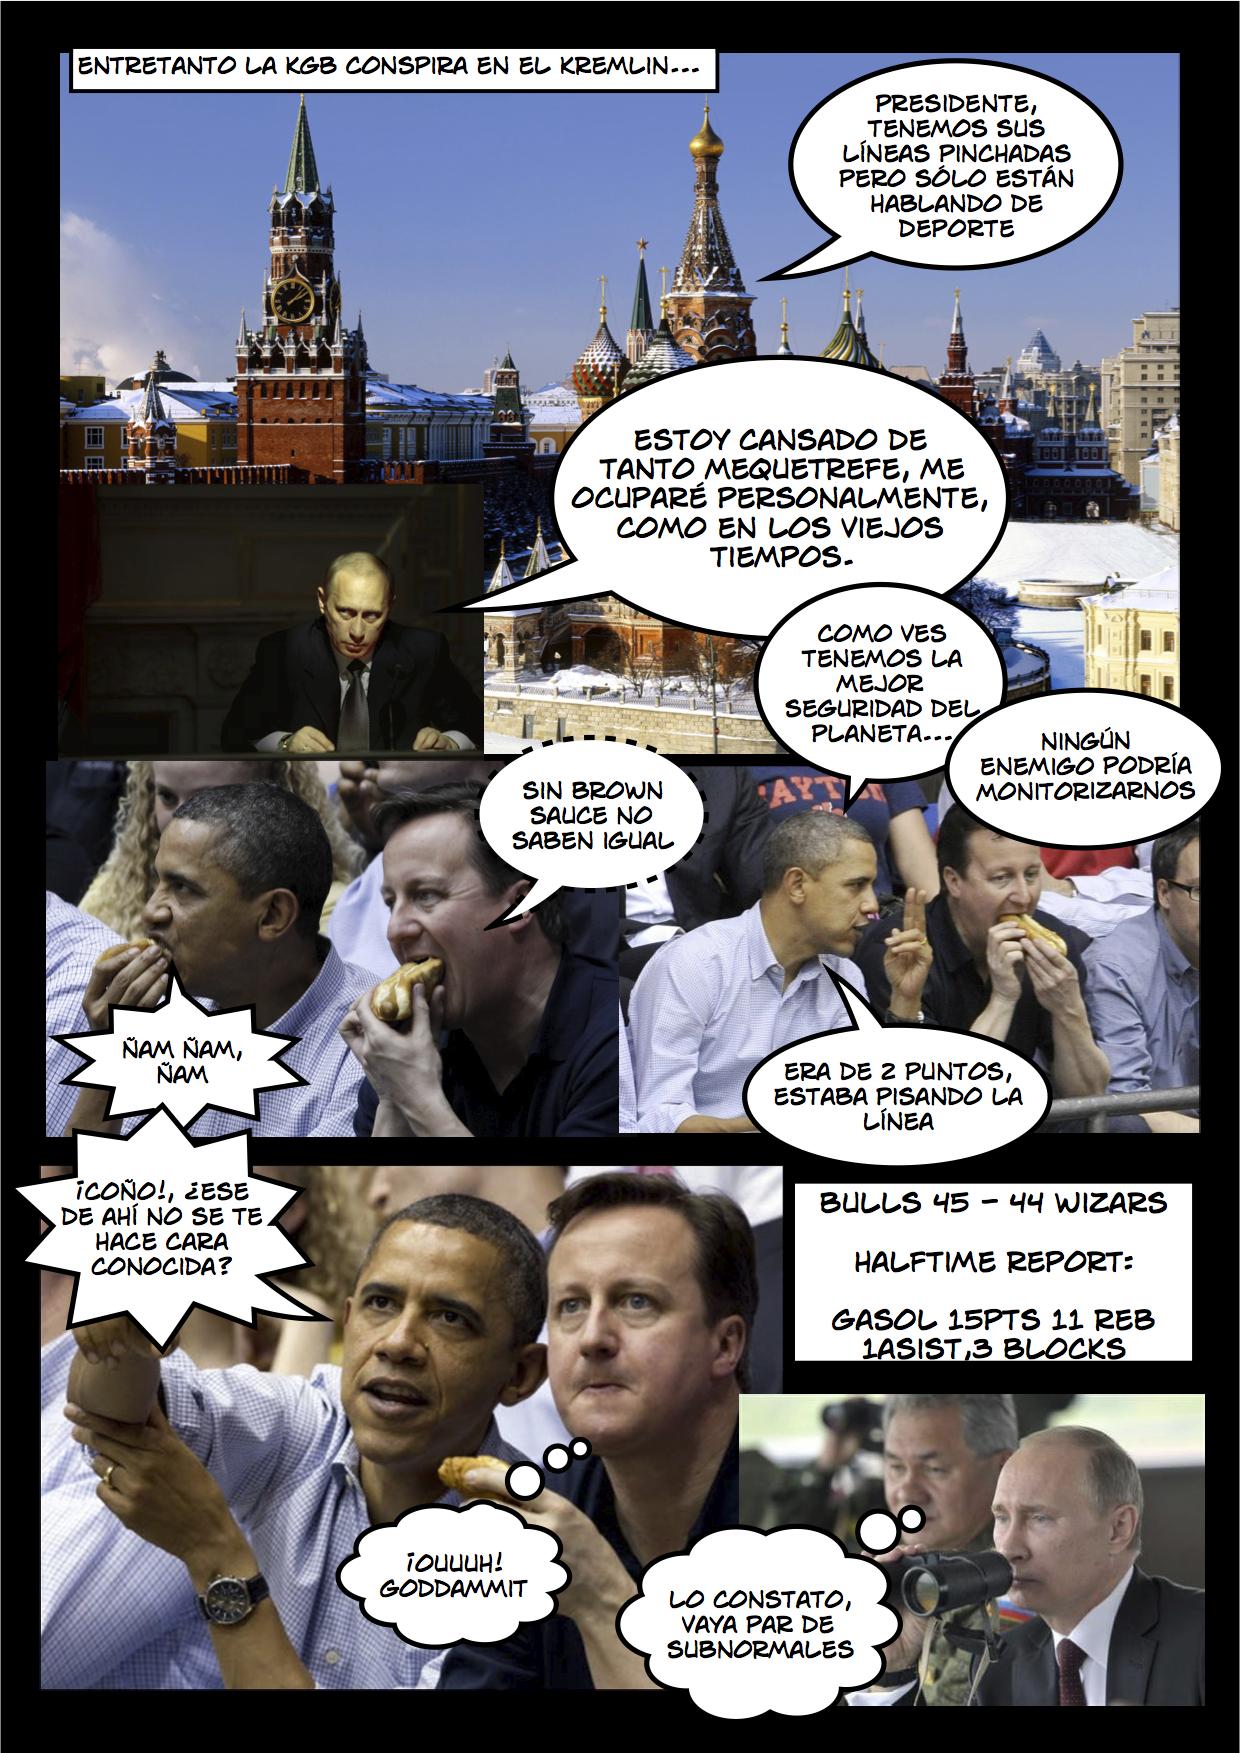 La historia de Espionaje jamás contada 2 de 2